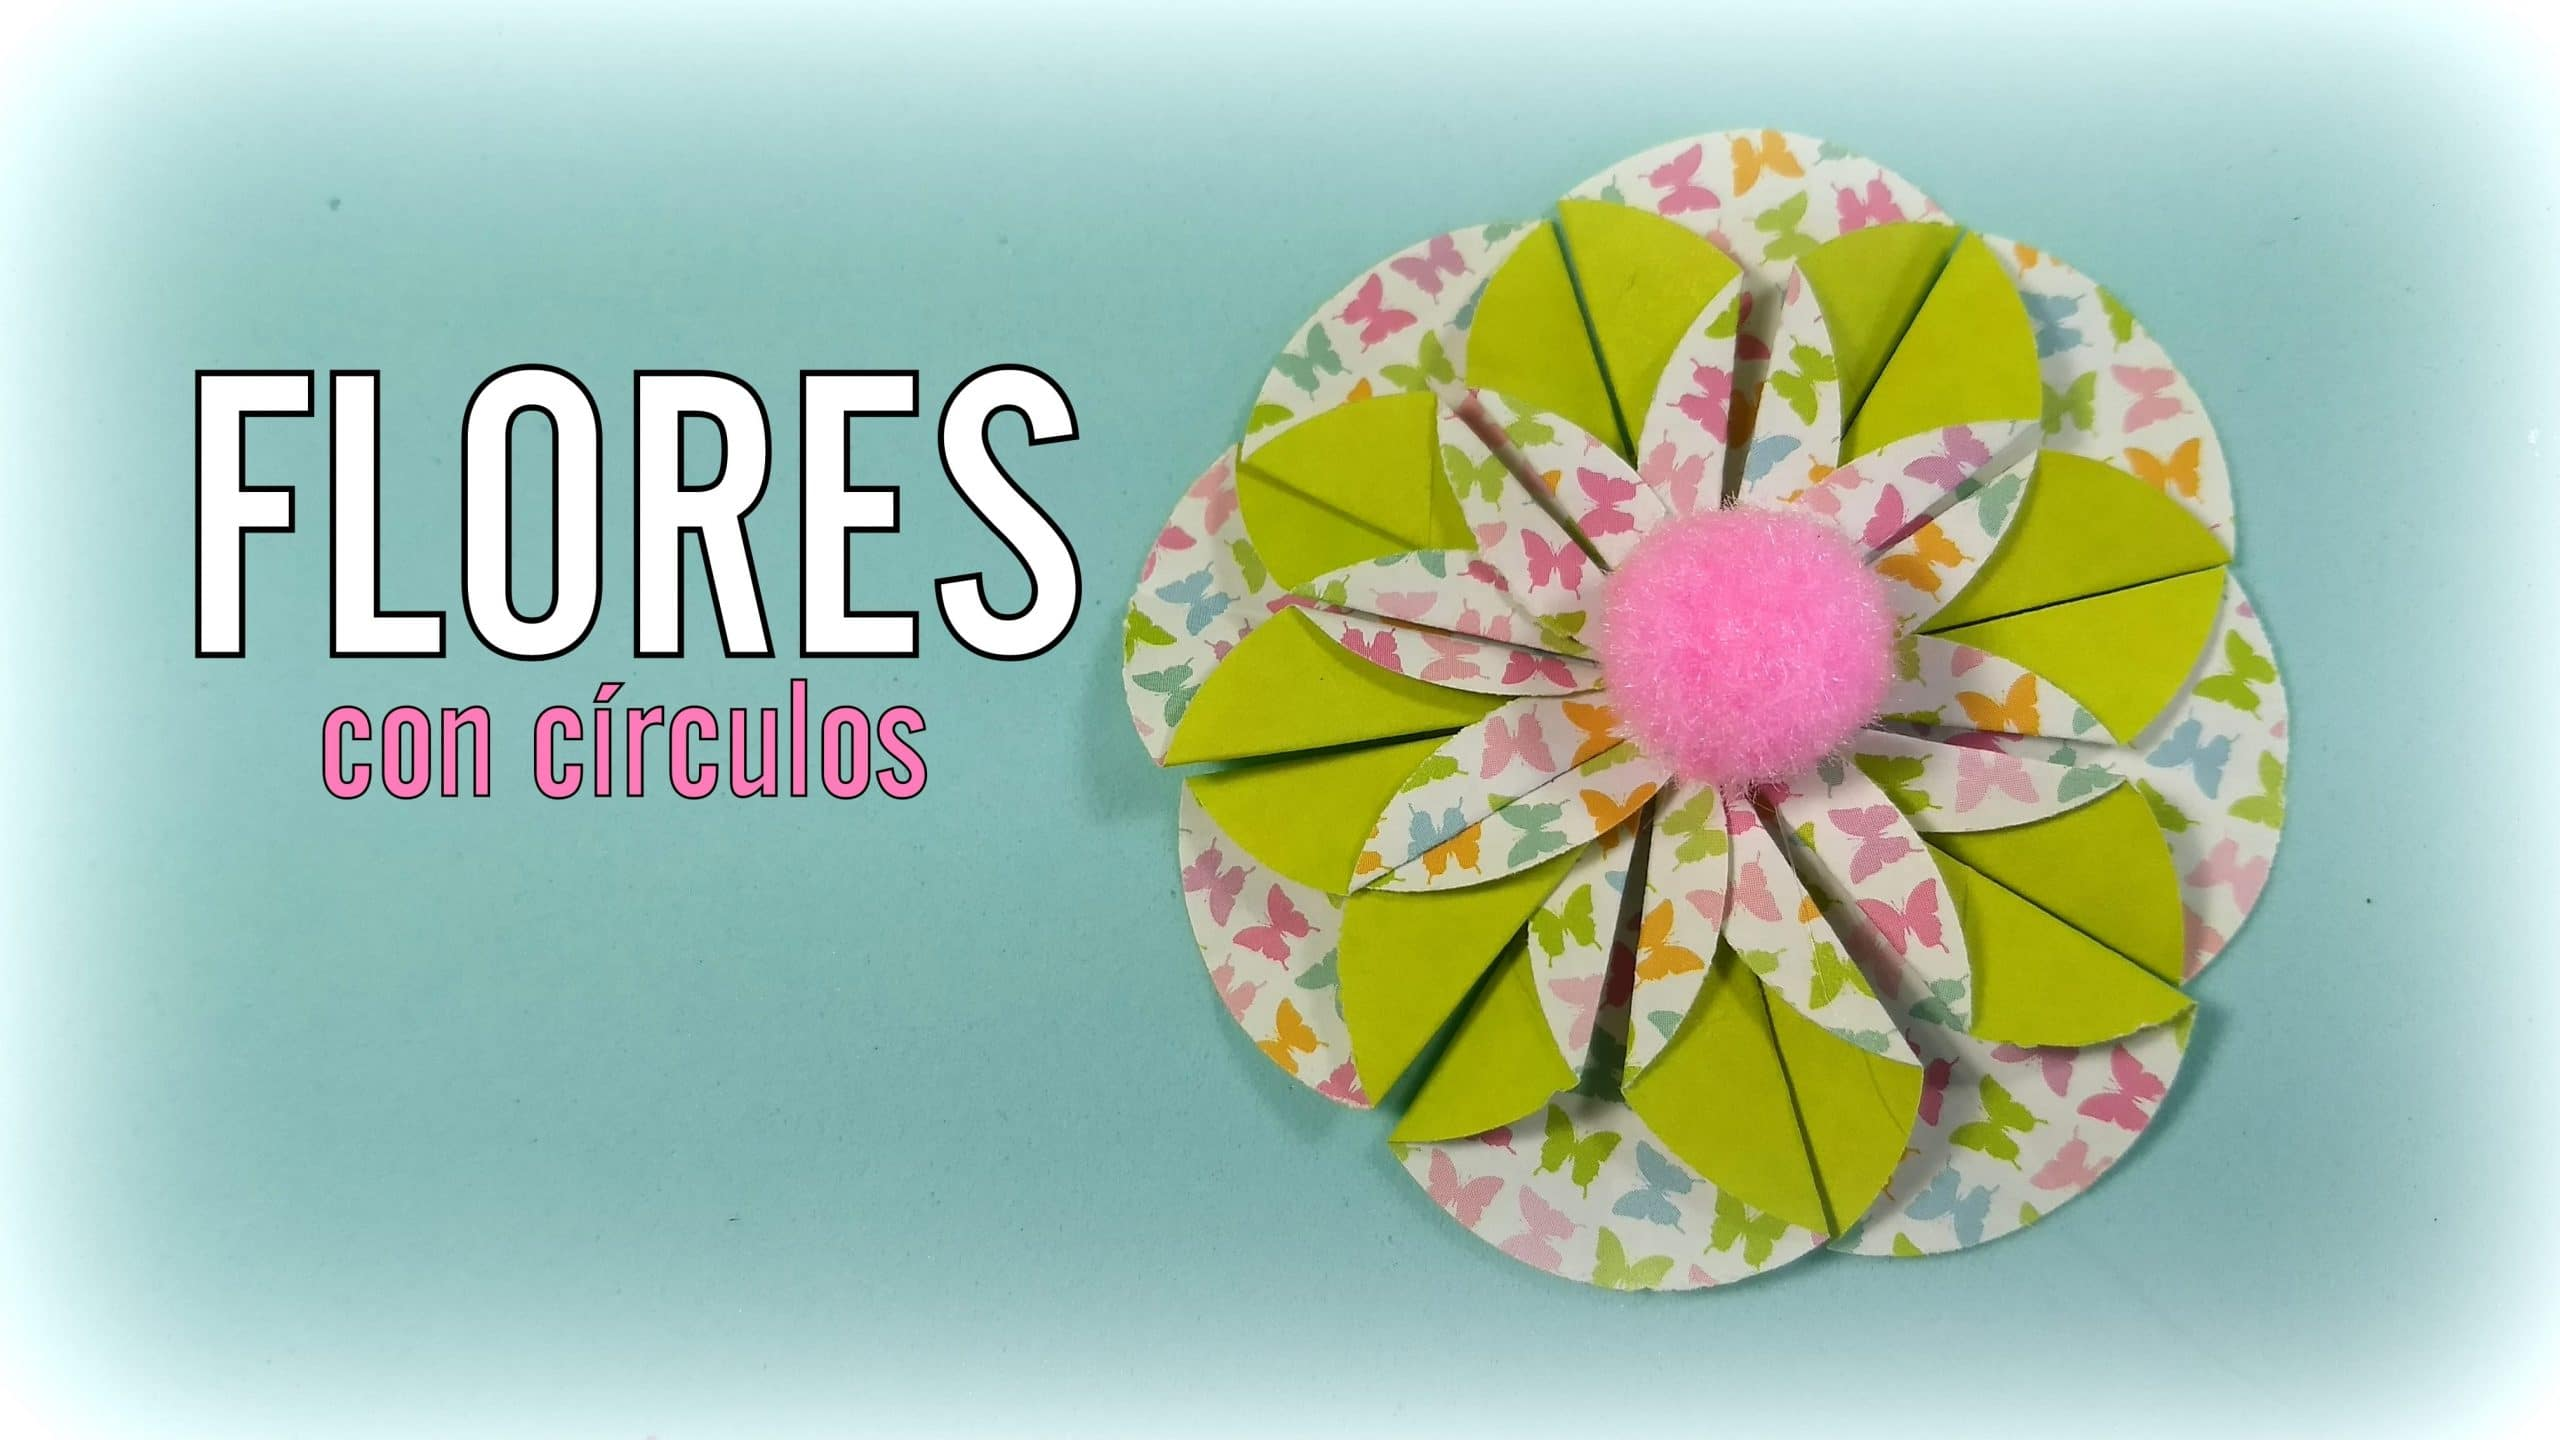 Cmo hacer flores de papel con crculos